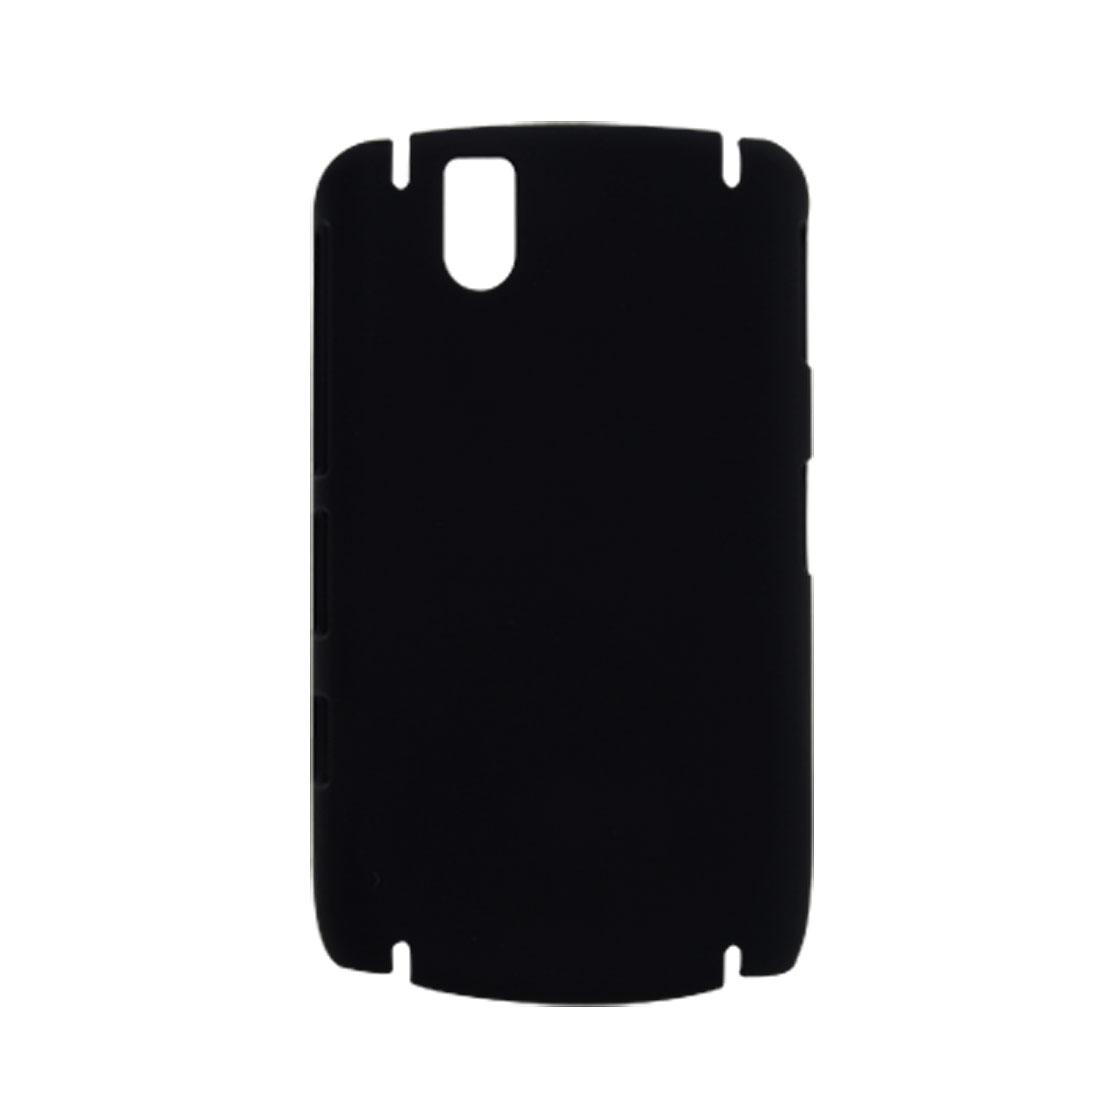 Rubberized Black Hard Plastic Back Case for Blackberry 9630